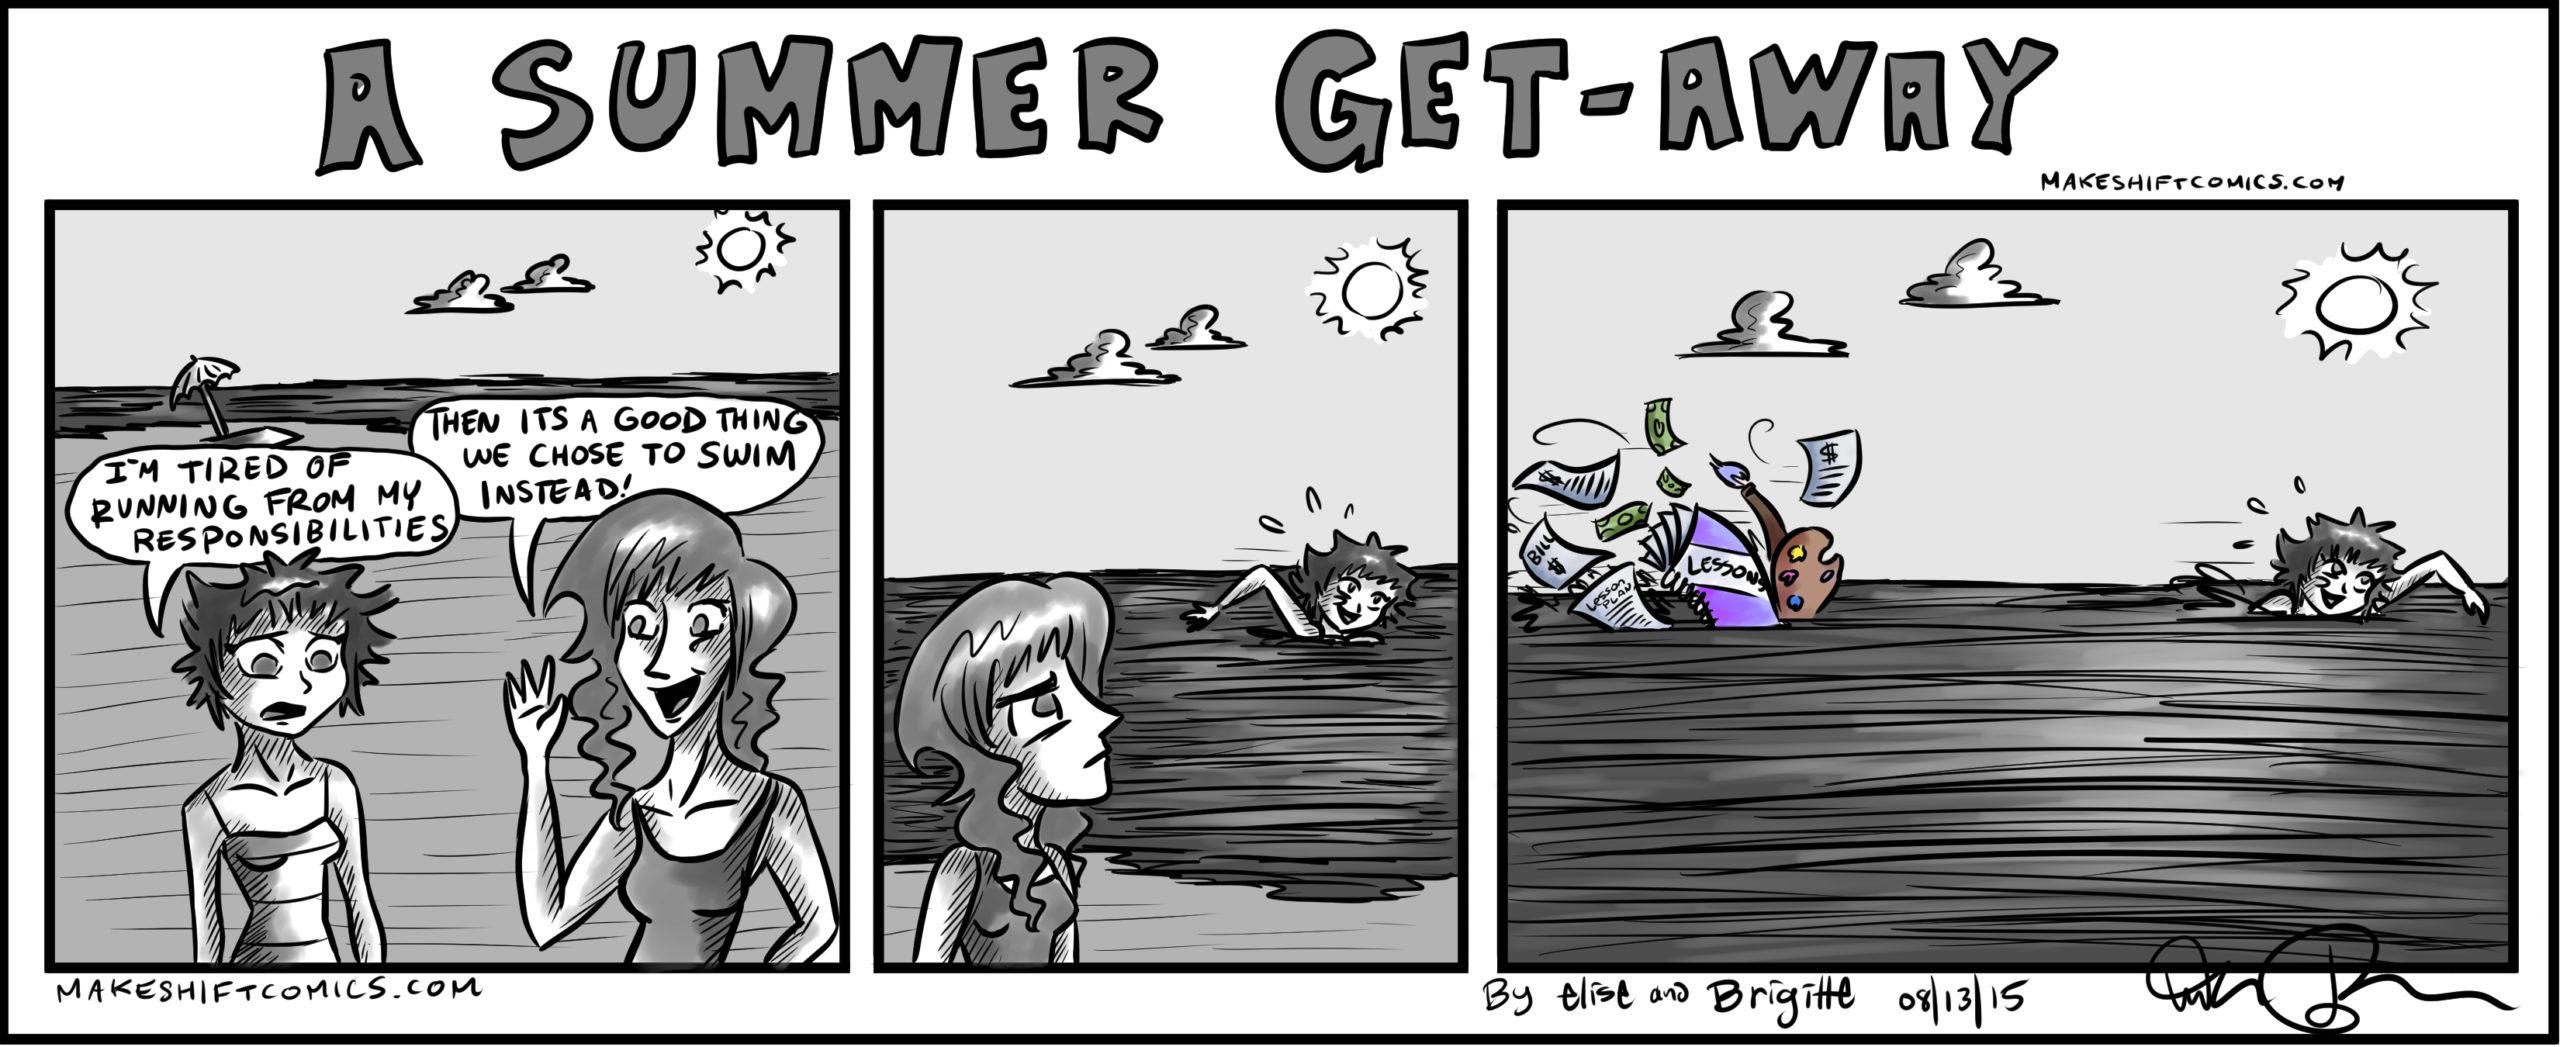 A Summer Get-Away